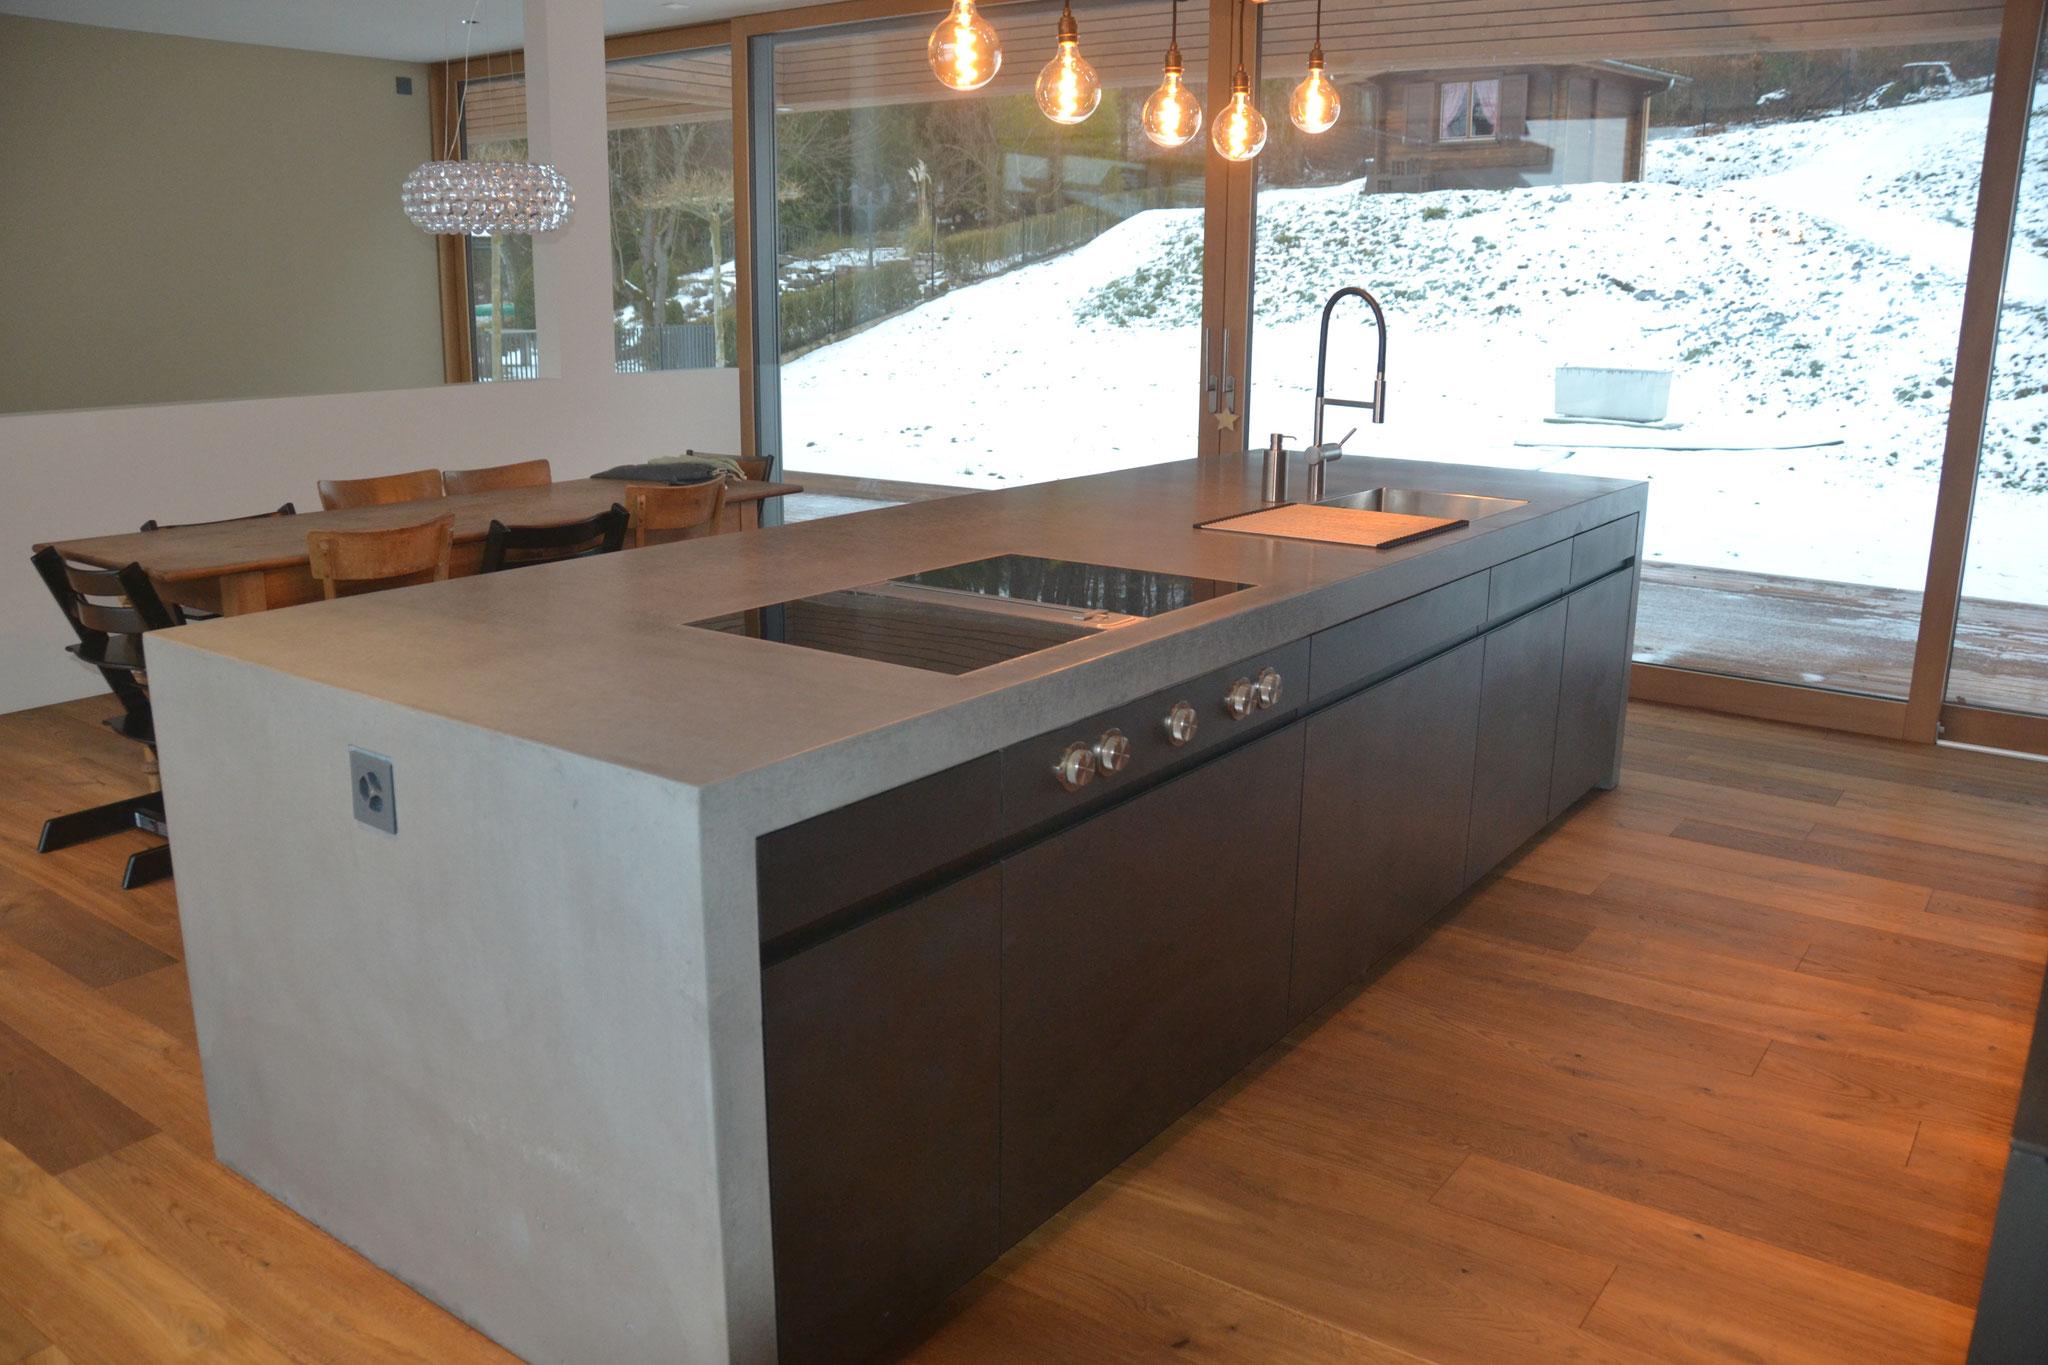 Küchenarbeitsplatten Beton kücheninseln aus beton nonnast raum beton design